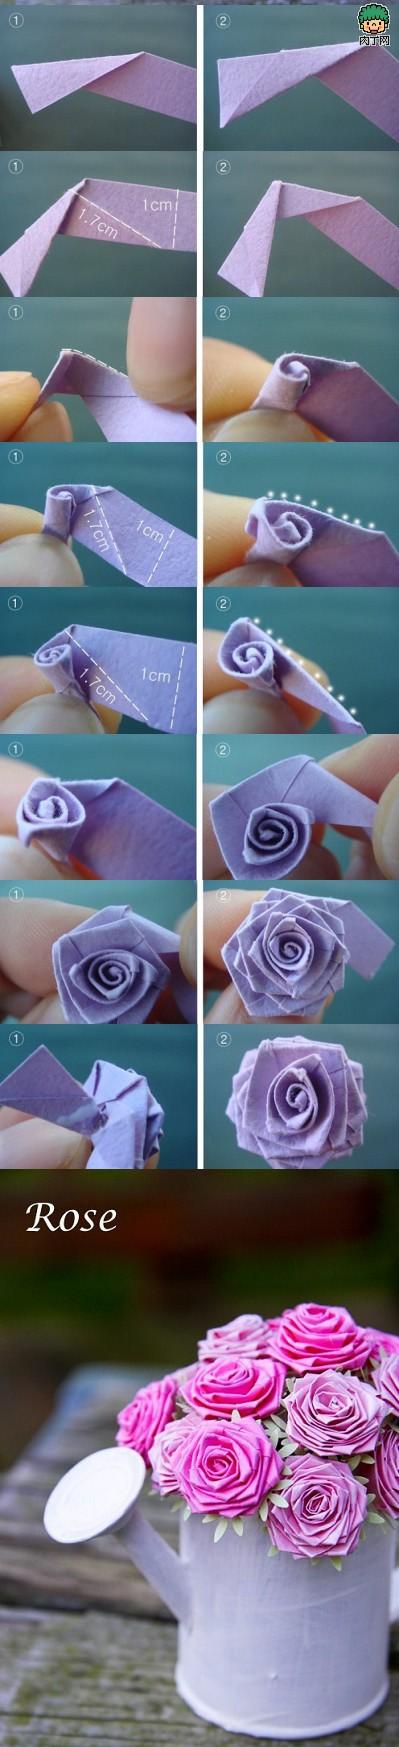 19朵玫瑰花的花语-教你简单玫瑰花的折法